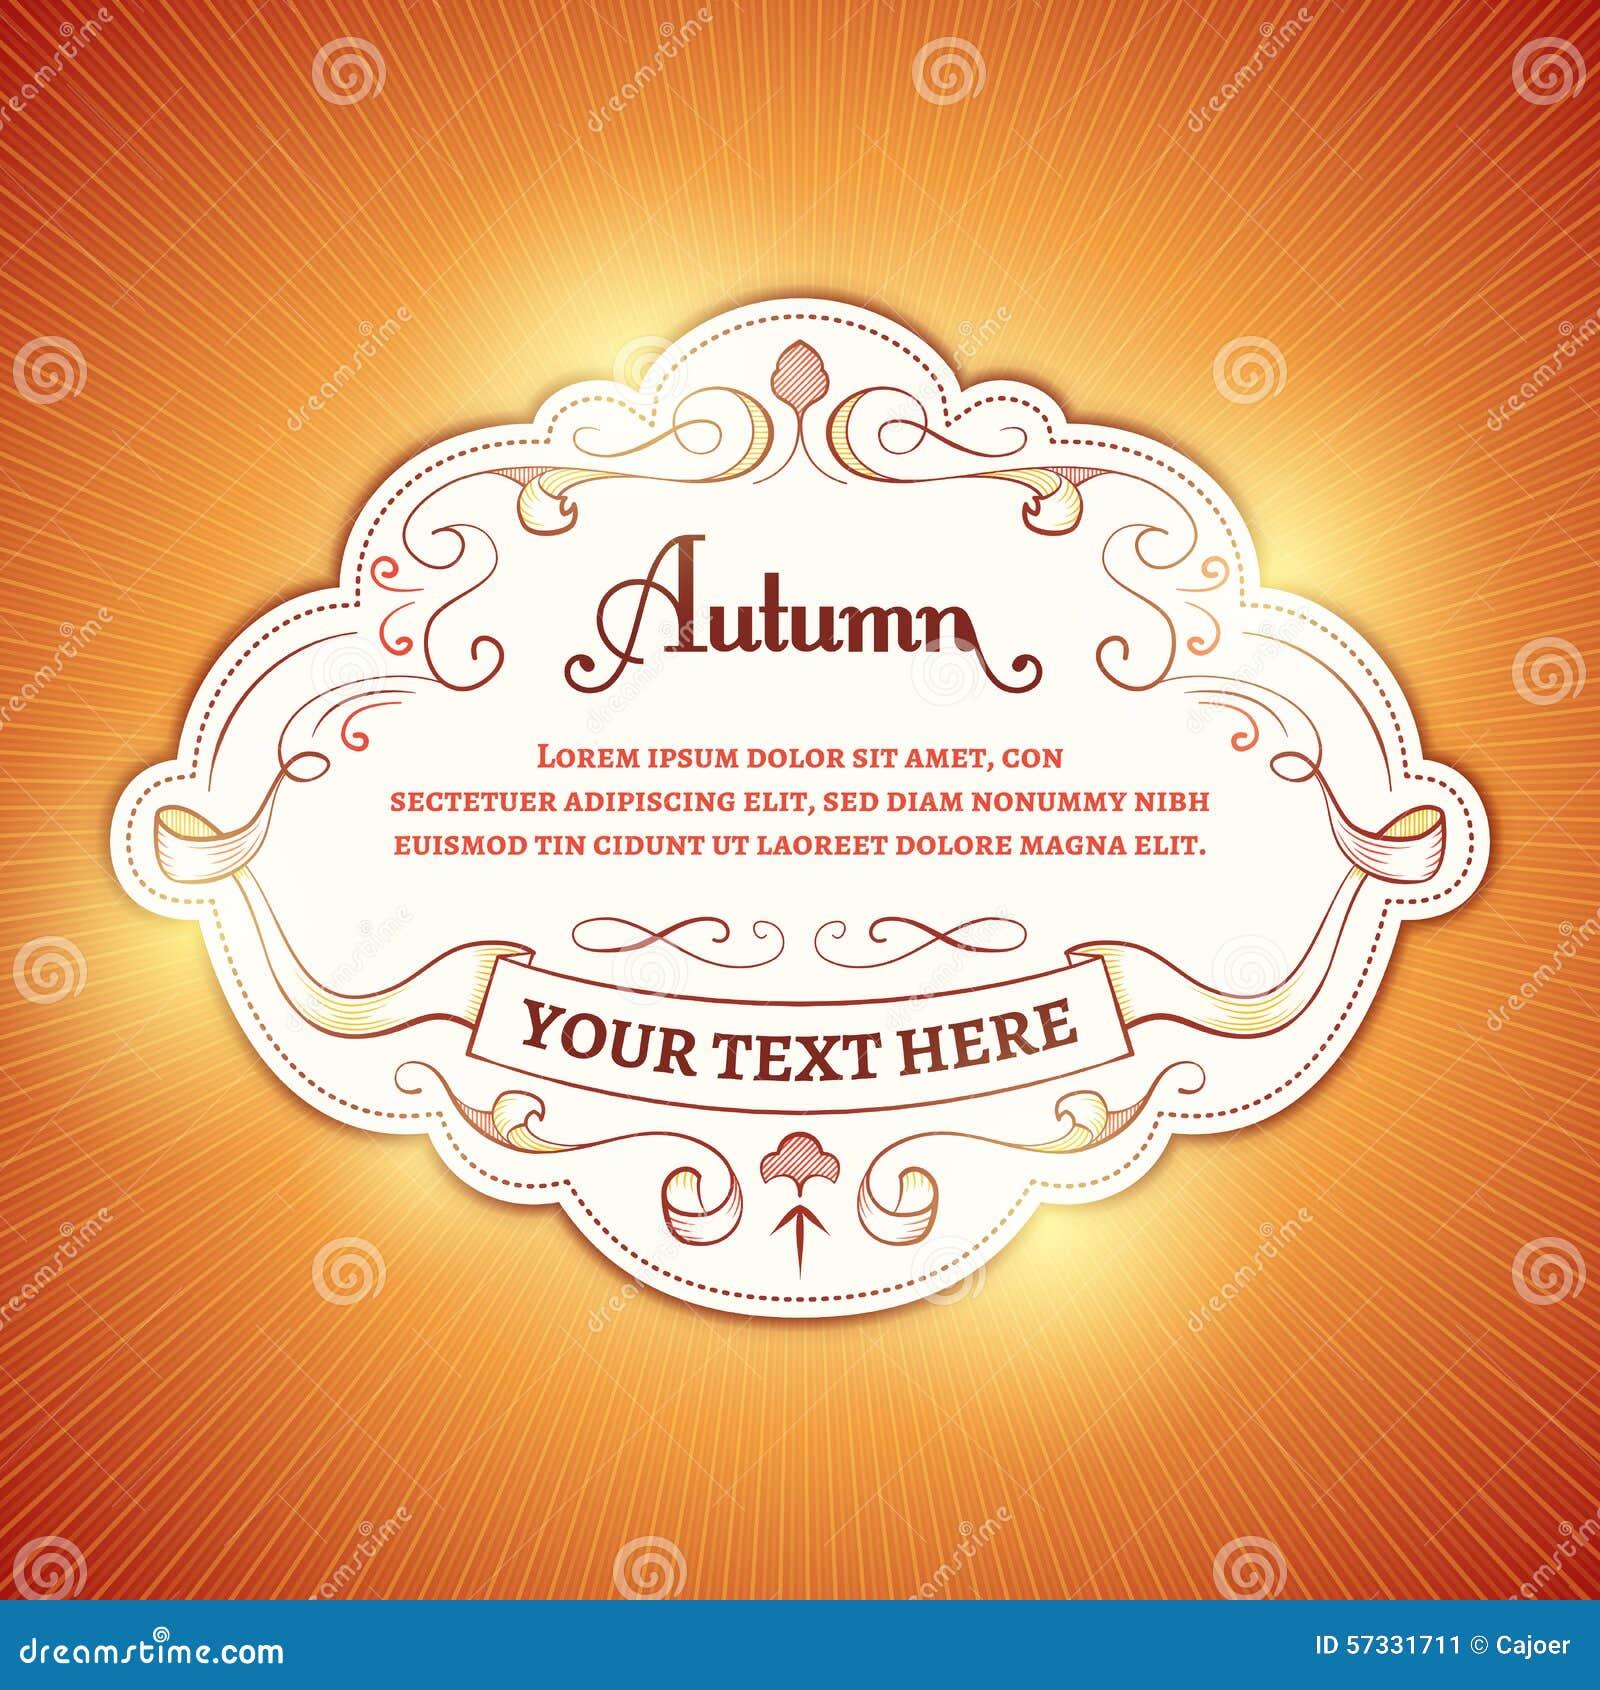 autumn background met een wit etiket op een oranje achtergrond